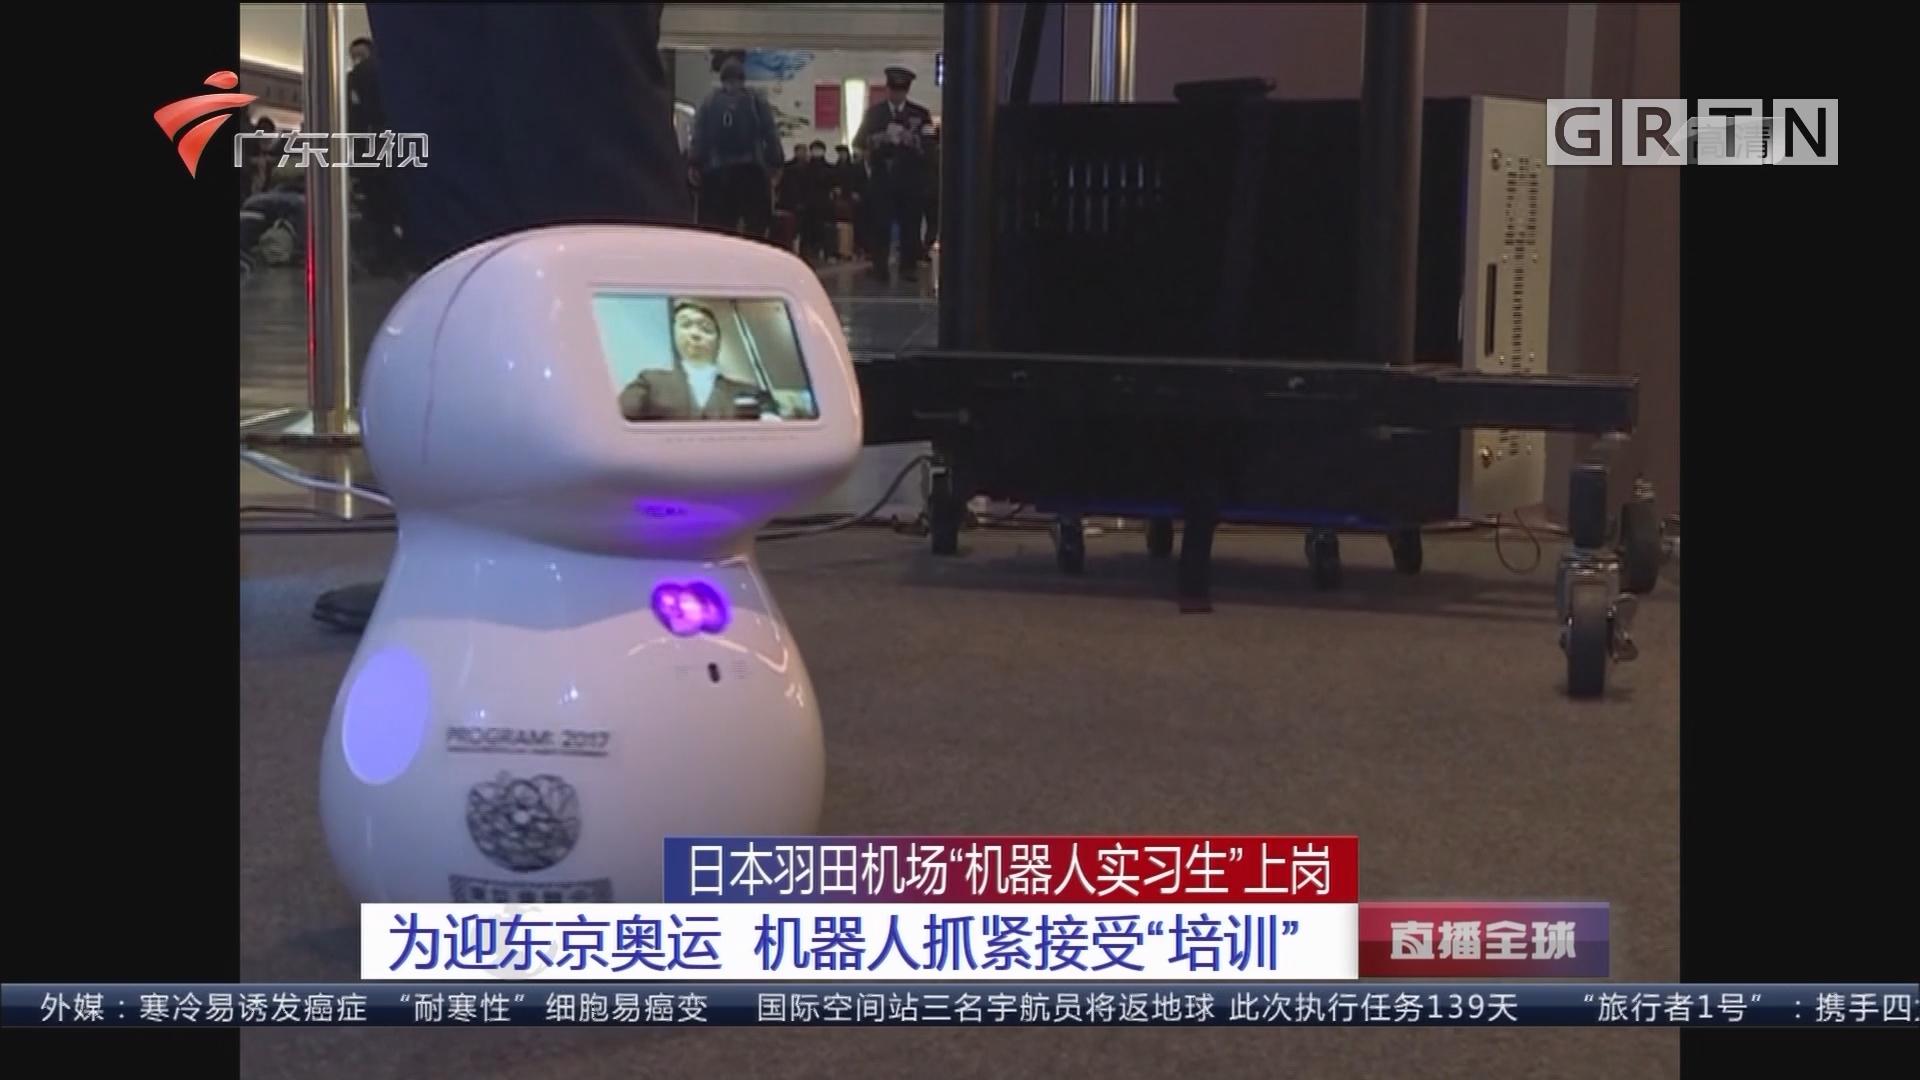 """日本羽田机场""""机器人实习生""""上岗:为迎东京奥运 机器人抓紧接受""""培训"""""""